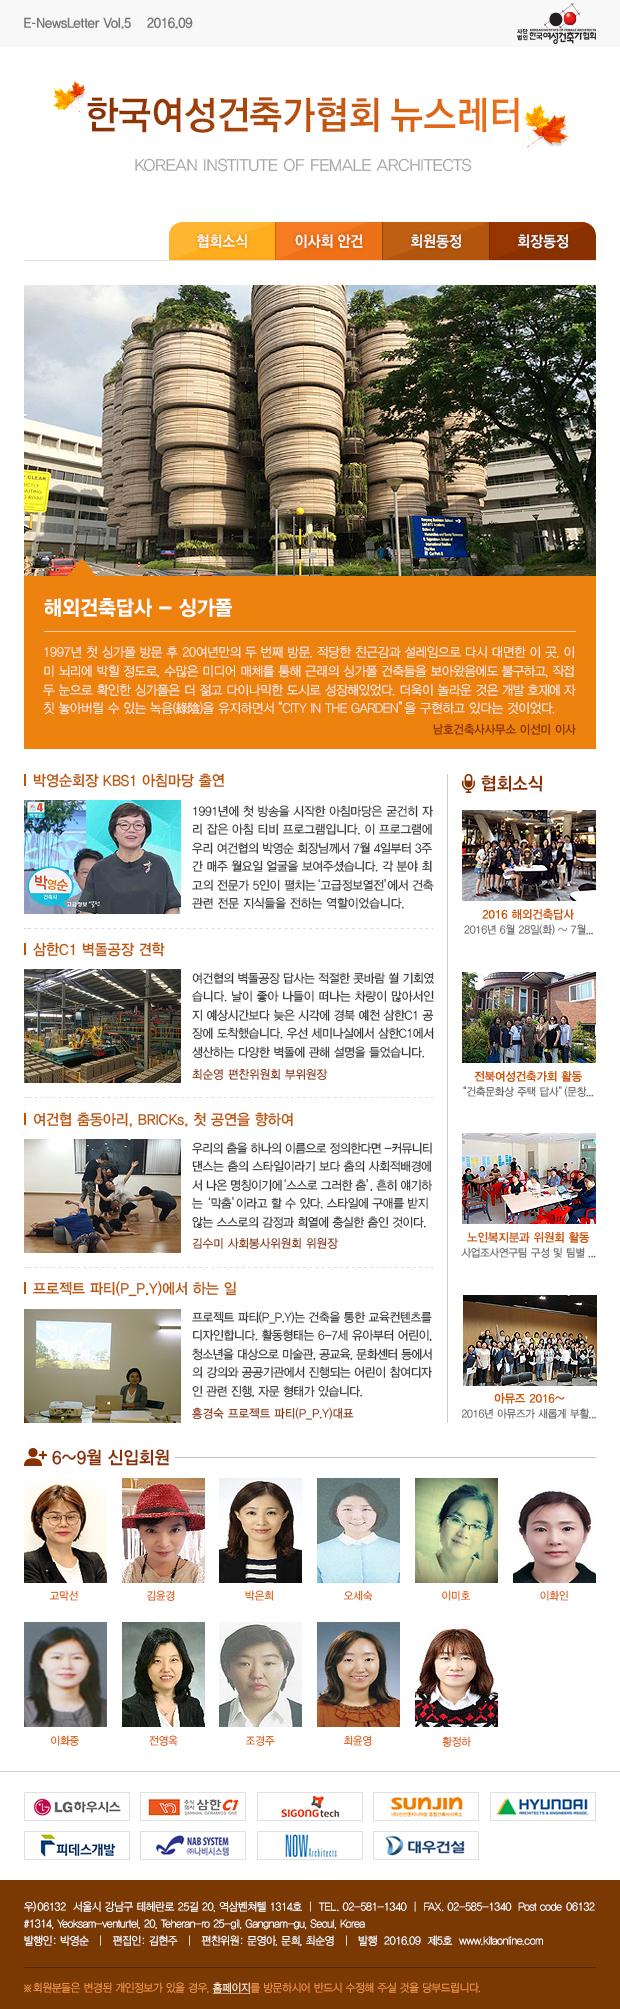 여성건축가 e 뉴스레터 vol03